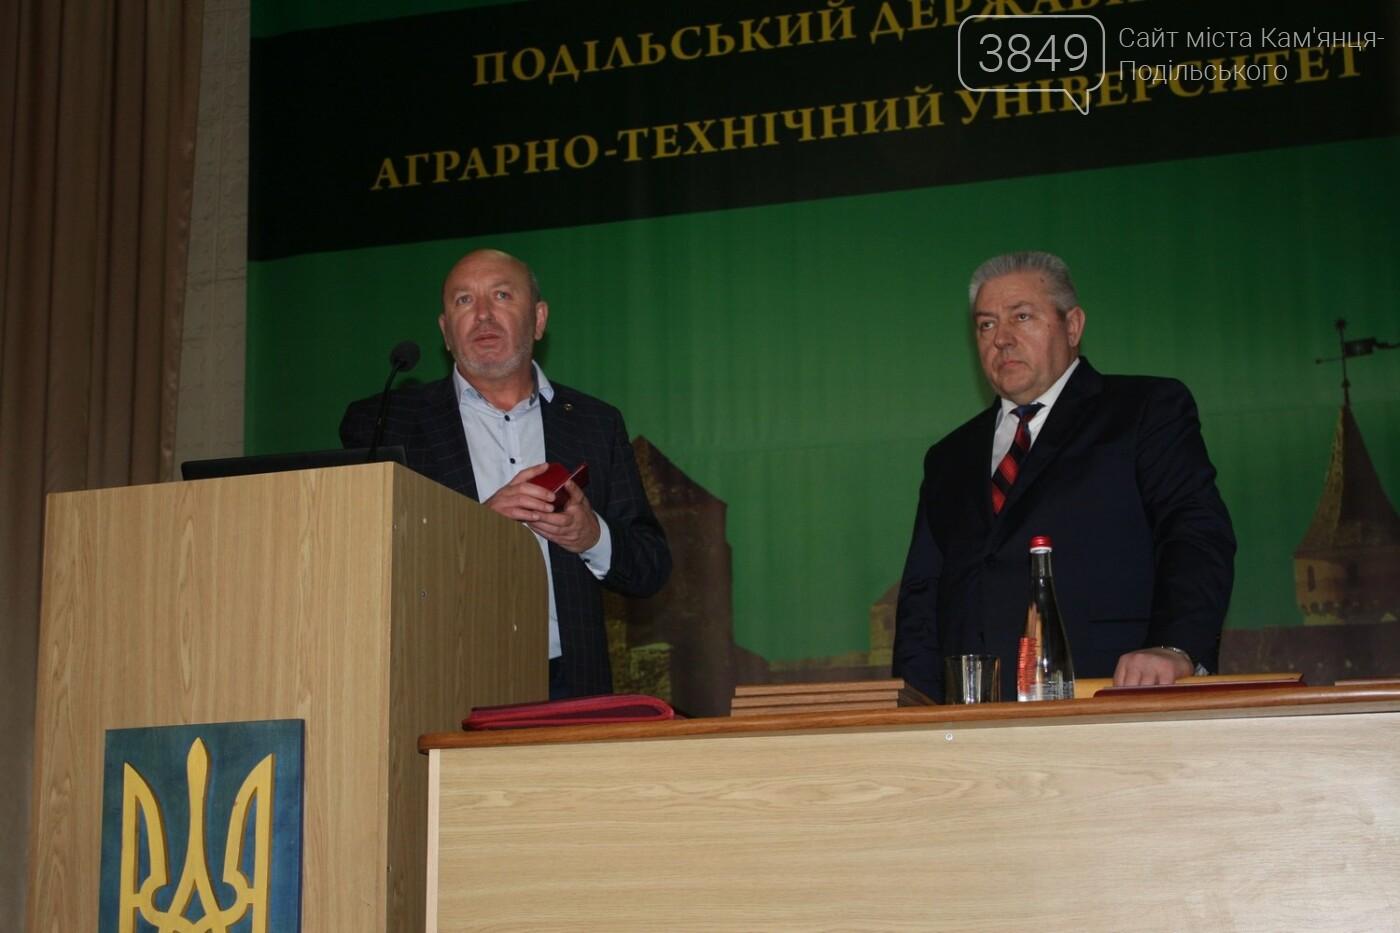 Подільський державний аграрно-технічний університет отримав нагороду «Золотий символ якості національних товарів та послуг», фото-4